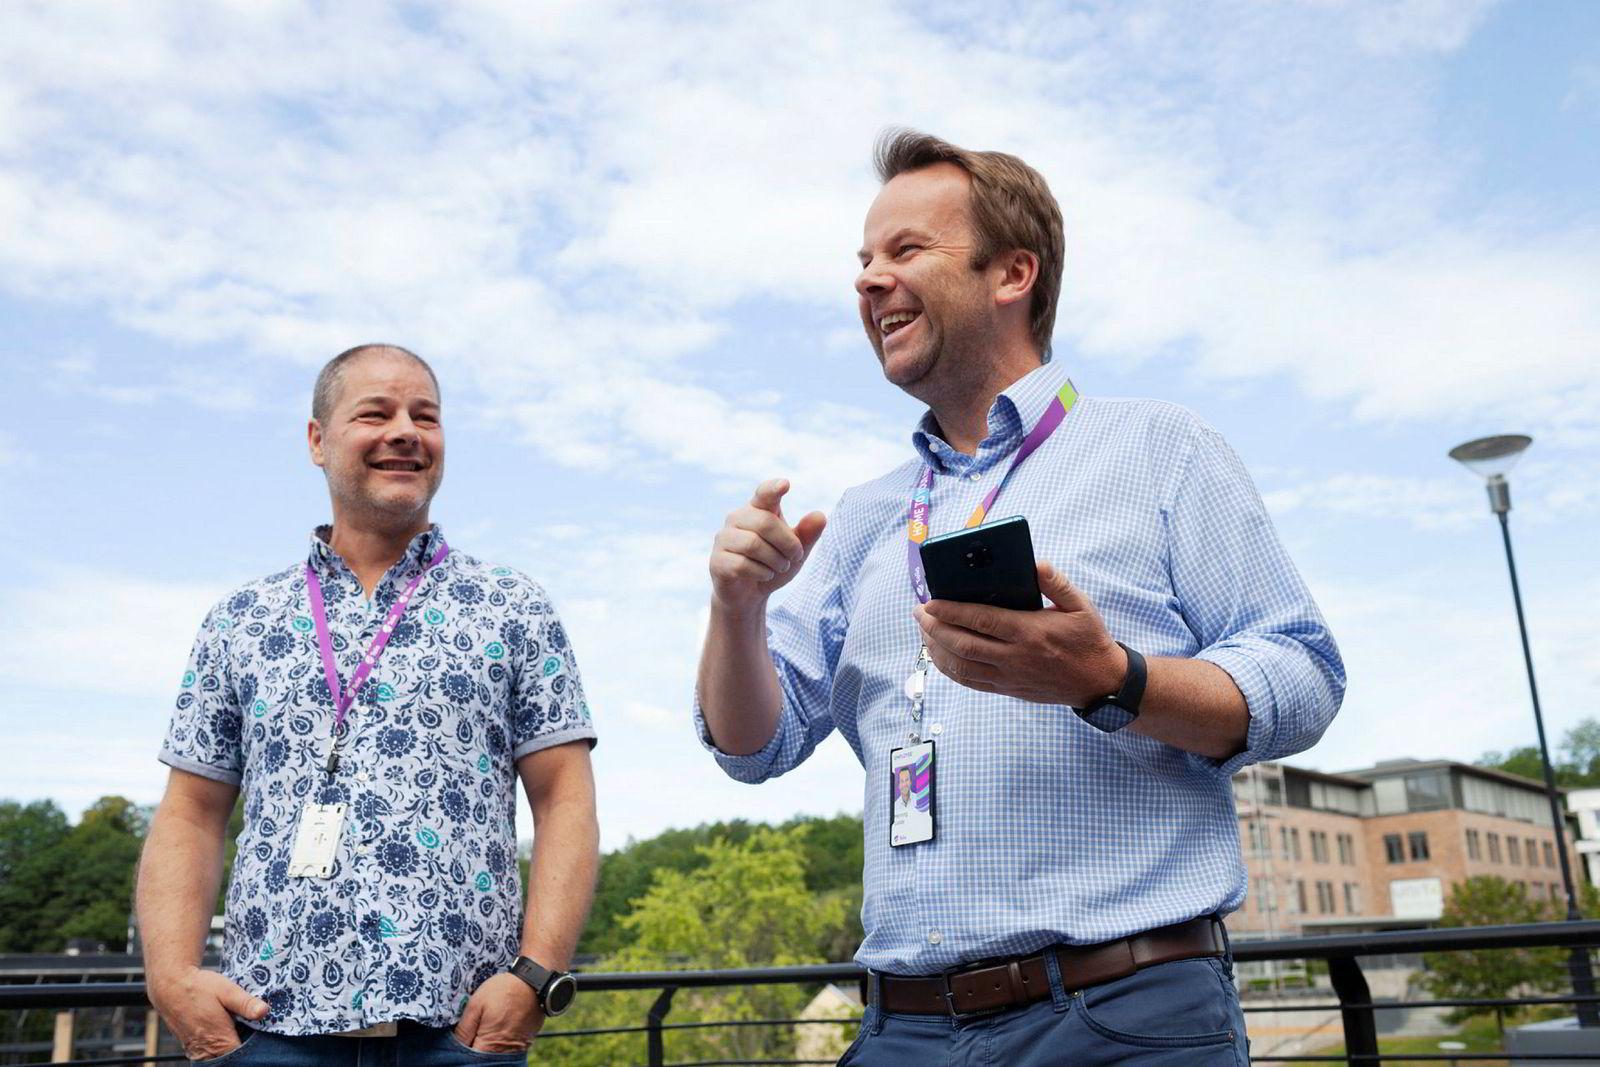 – Dette er den første 5G-telefonen som er bruk i Norge i et 5G-nett, sier kommunikasjonsdirektør Henning Lunde (til høyre). Ved hans side står Tommy Strand, sjefarkitekt for nettverk i Telia Norge.